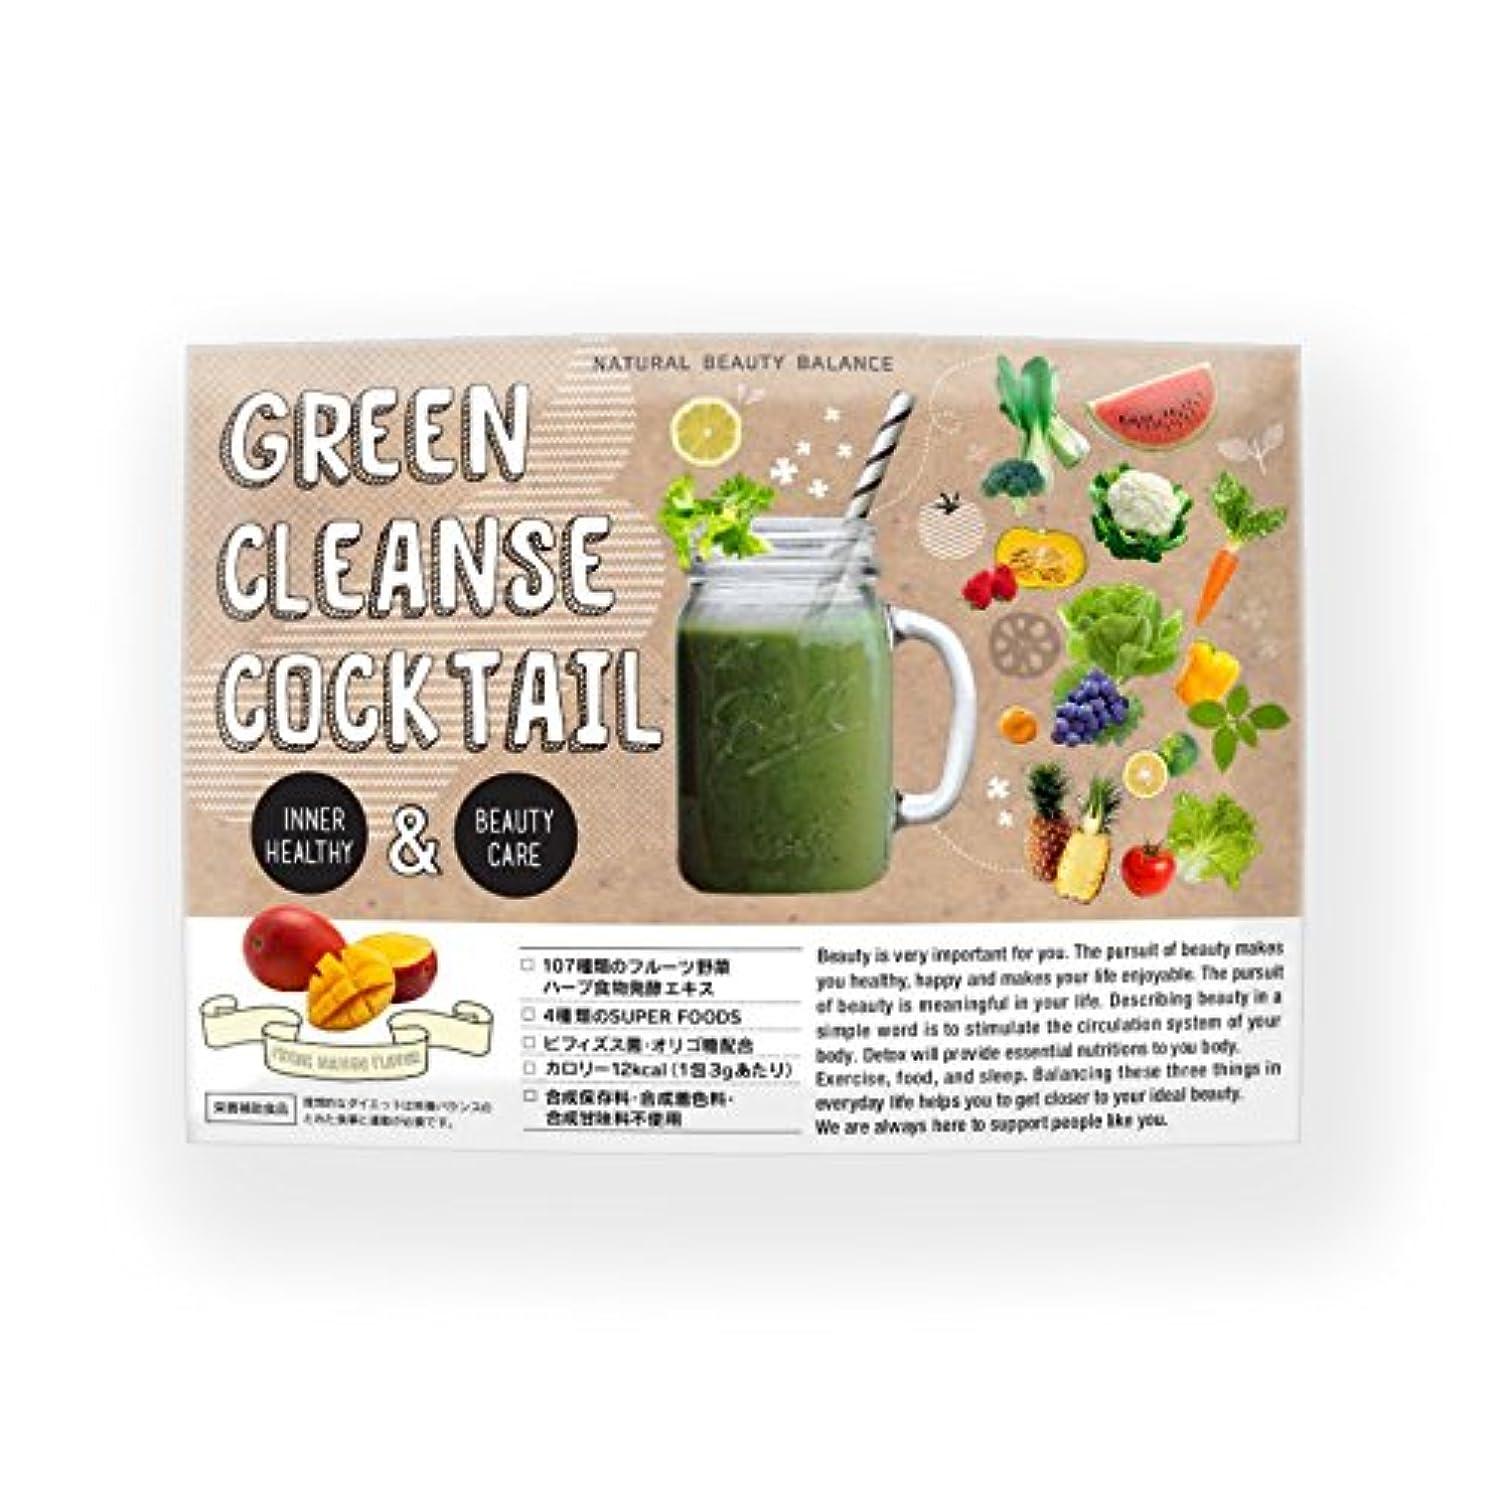 古くなった動的どうしたのNatural Beauty Balance グリーンクレンズカクテル Green Cleanse Coktail ダイエット 30包